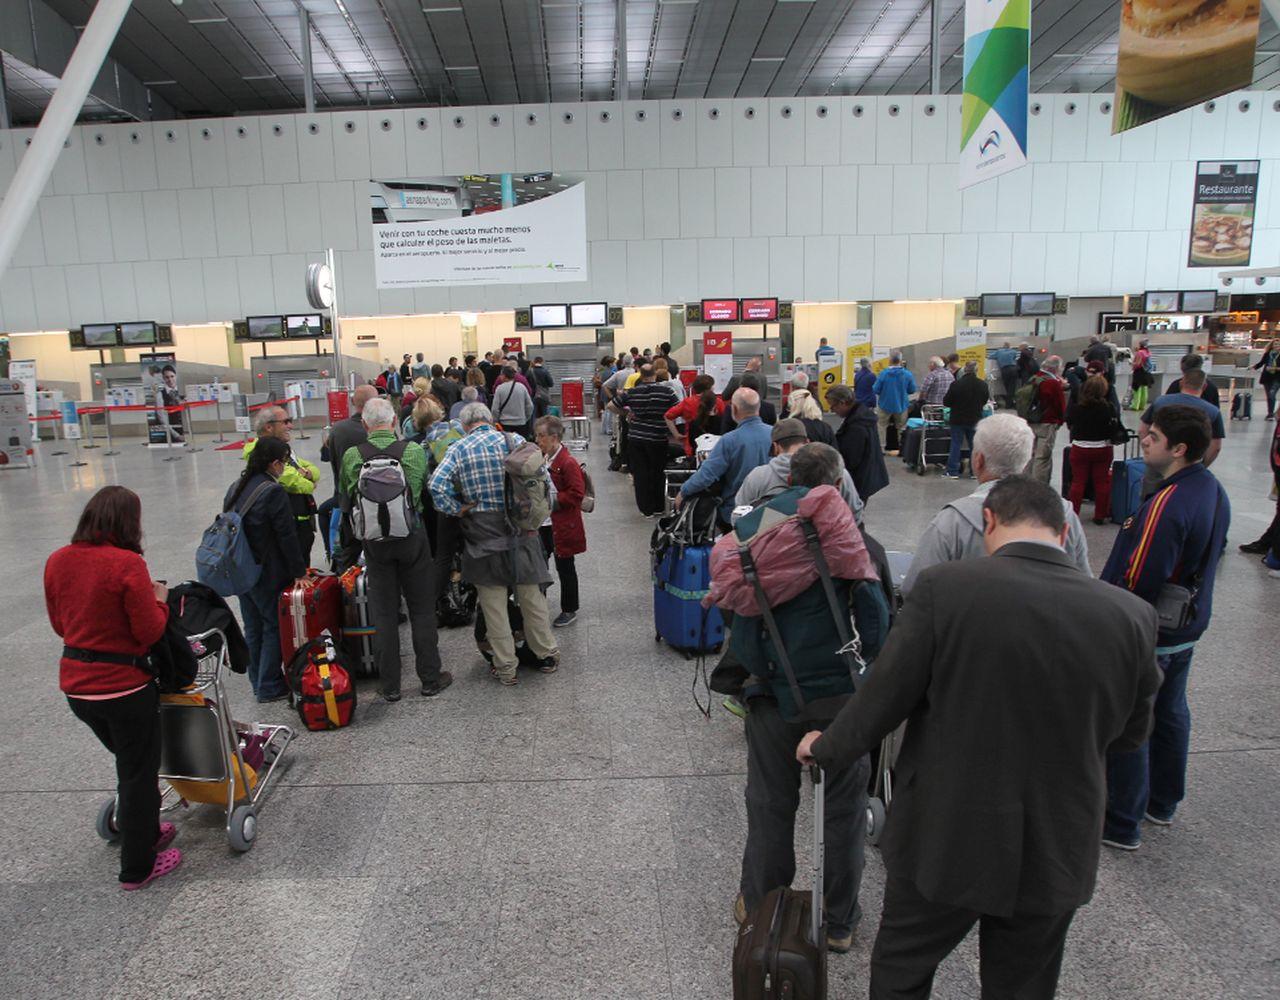 Pasajeros esperando para facturar en el aeropuerto de Lavacolla.   - FOTO: Ramón Escuredo